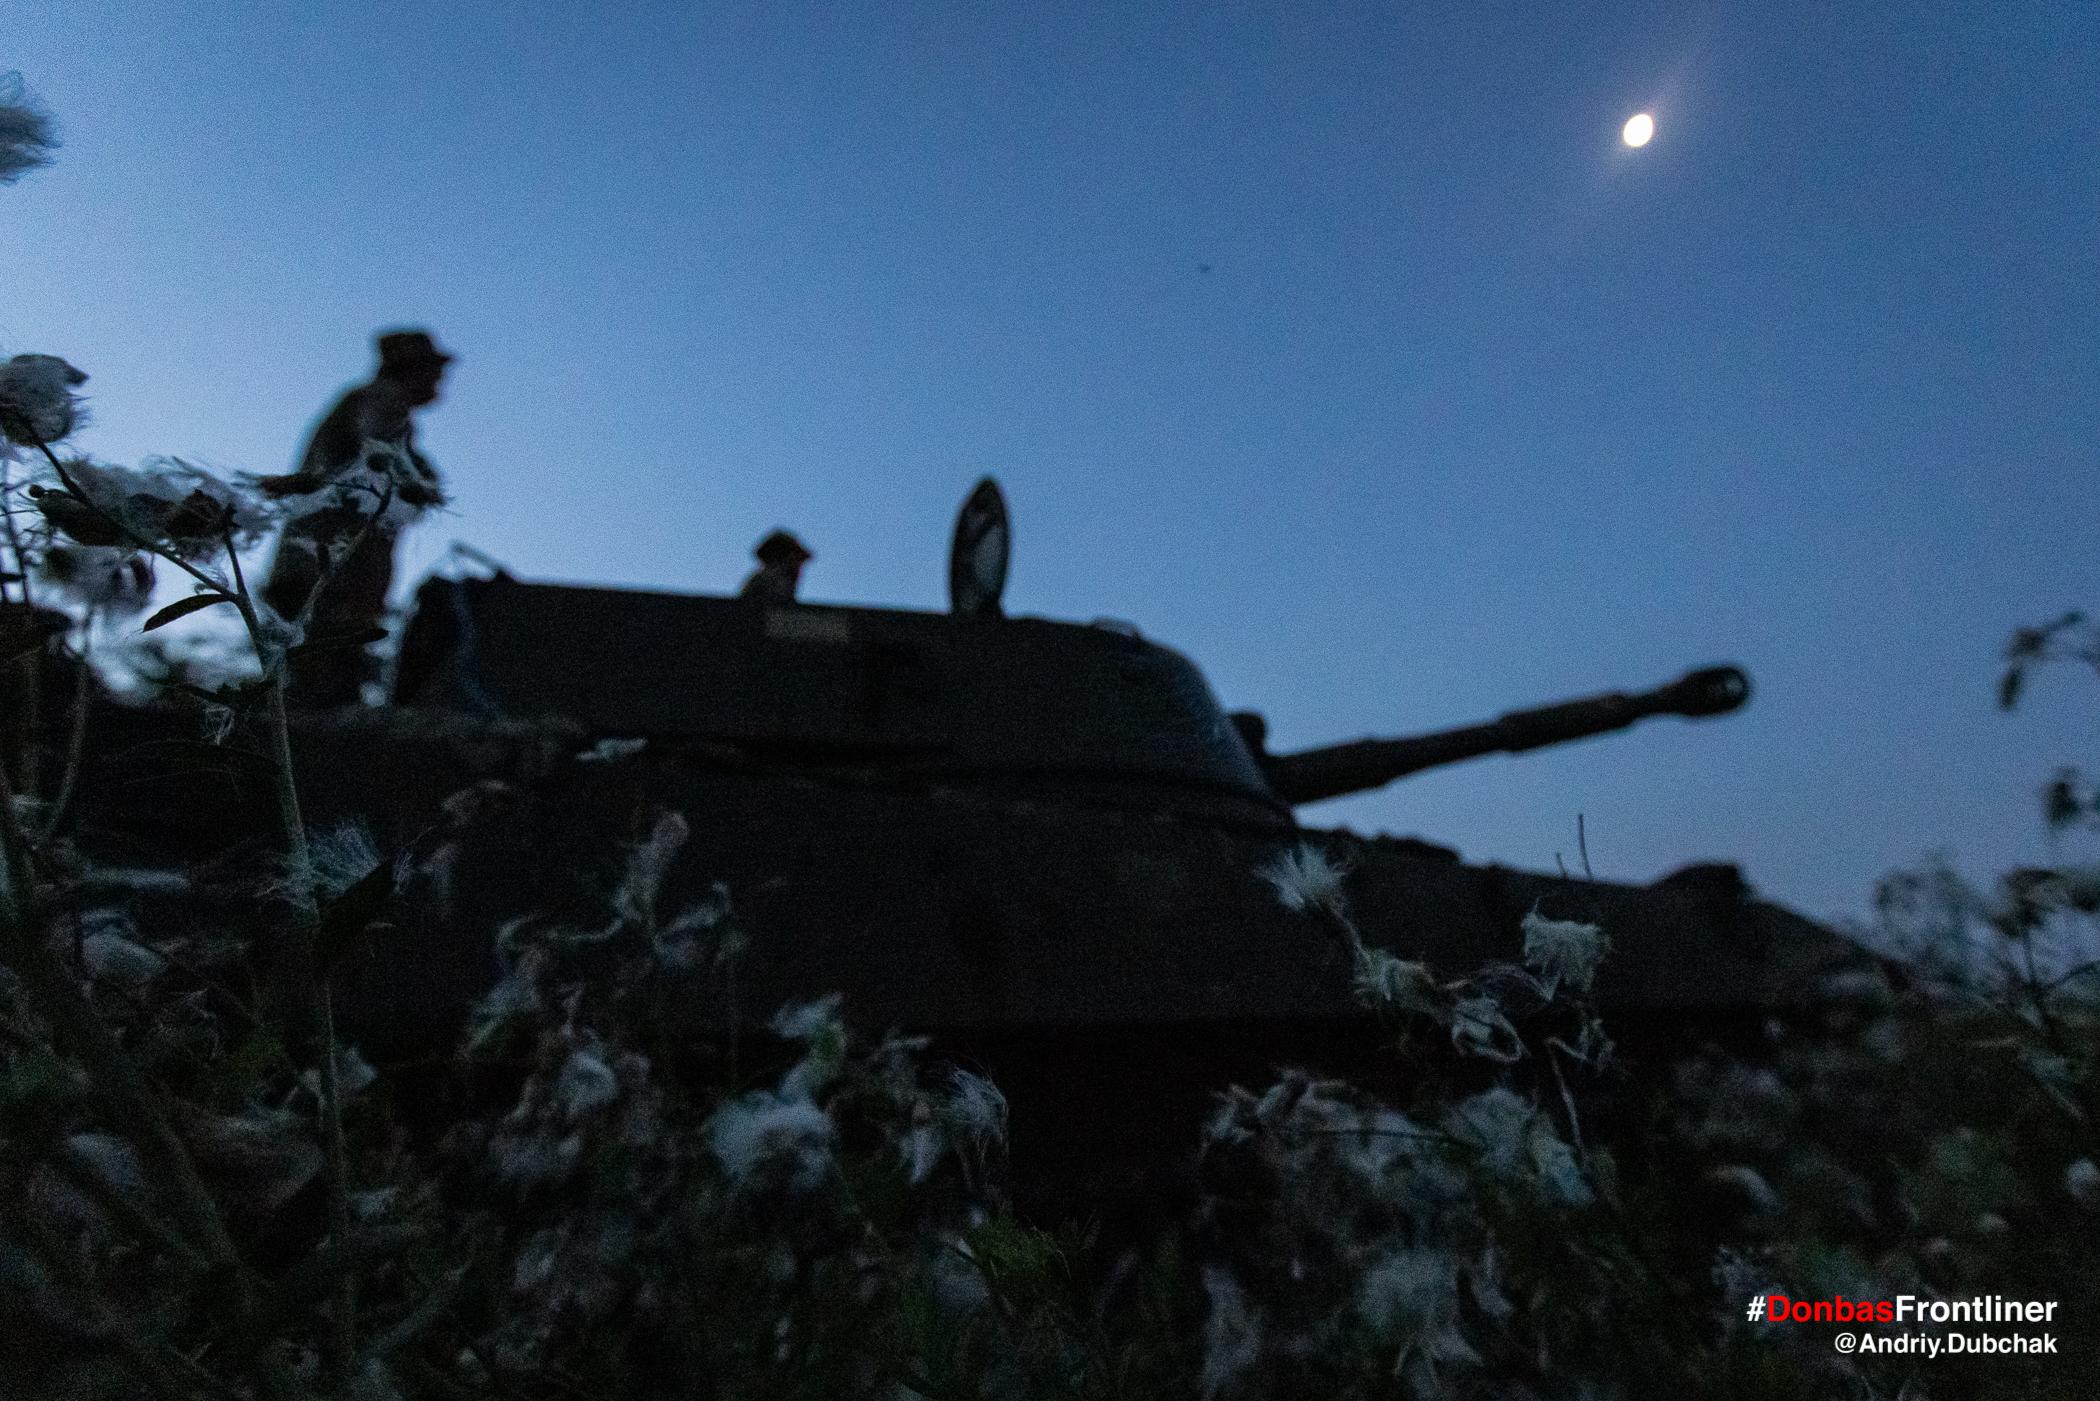 Світанок. САУ на бойових стрільбах. Бойове тренування 503-го батальйону морської піхоти на Приазов'ї, липень 2021 року